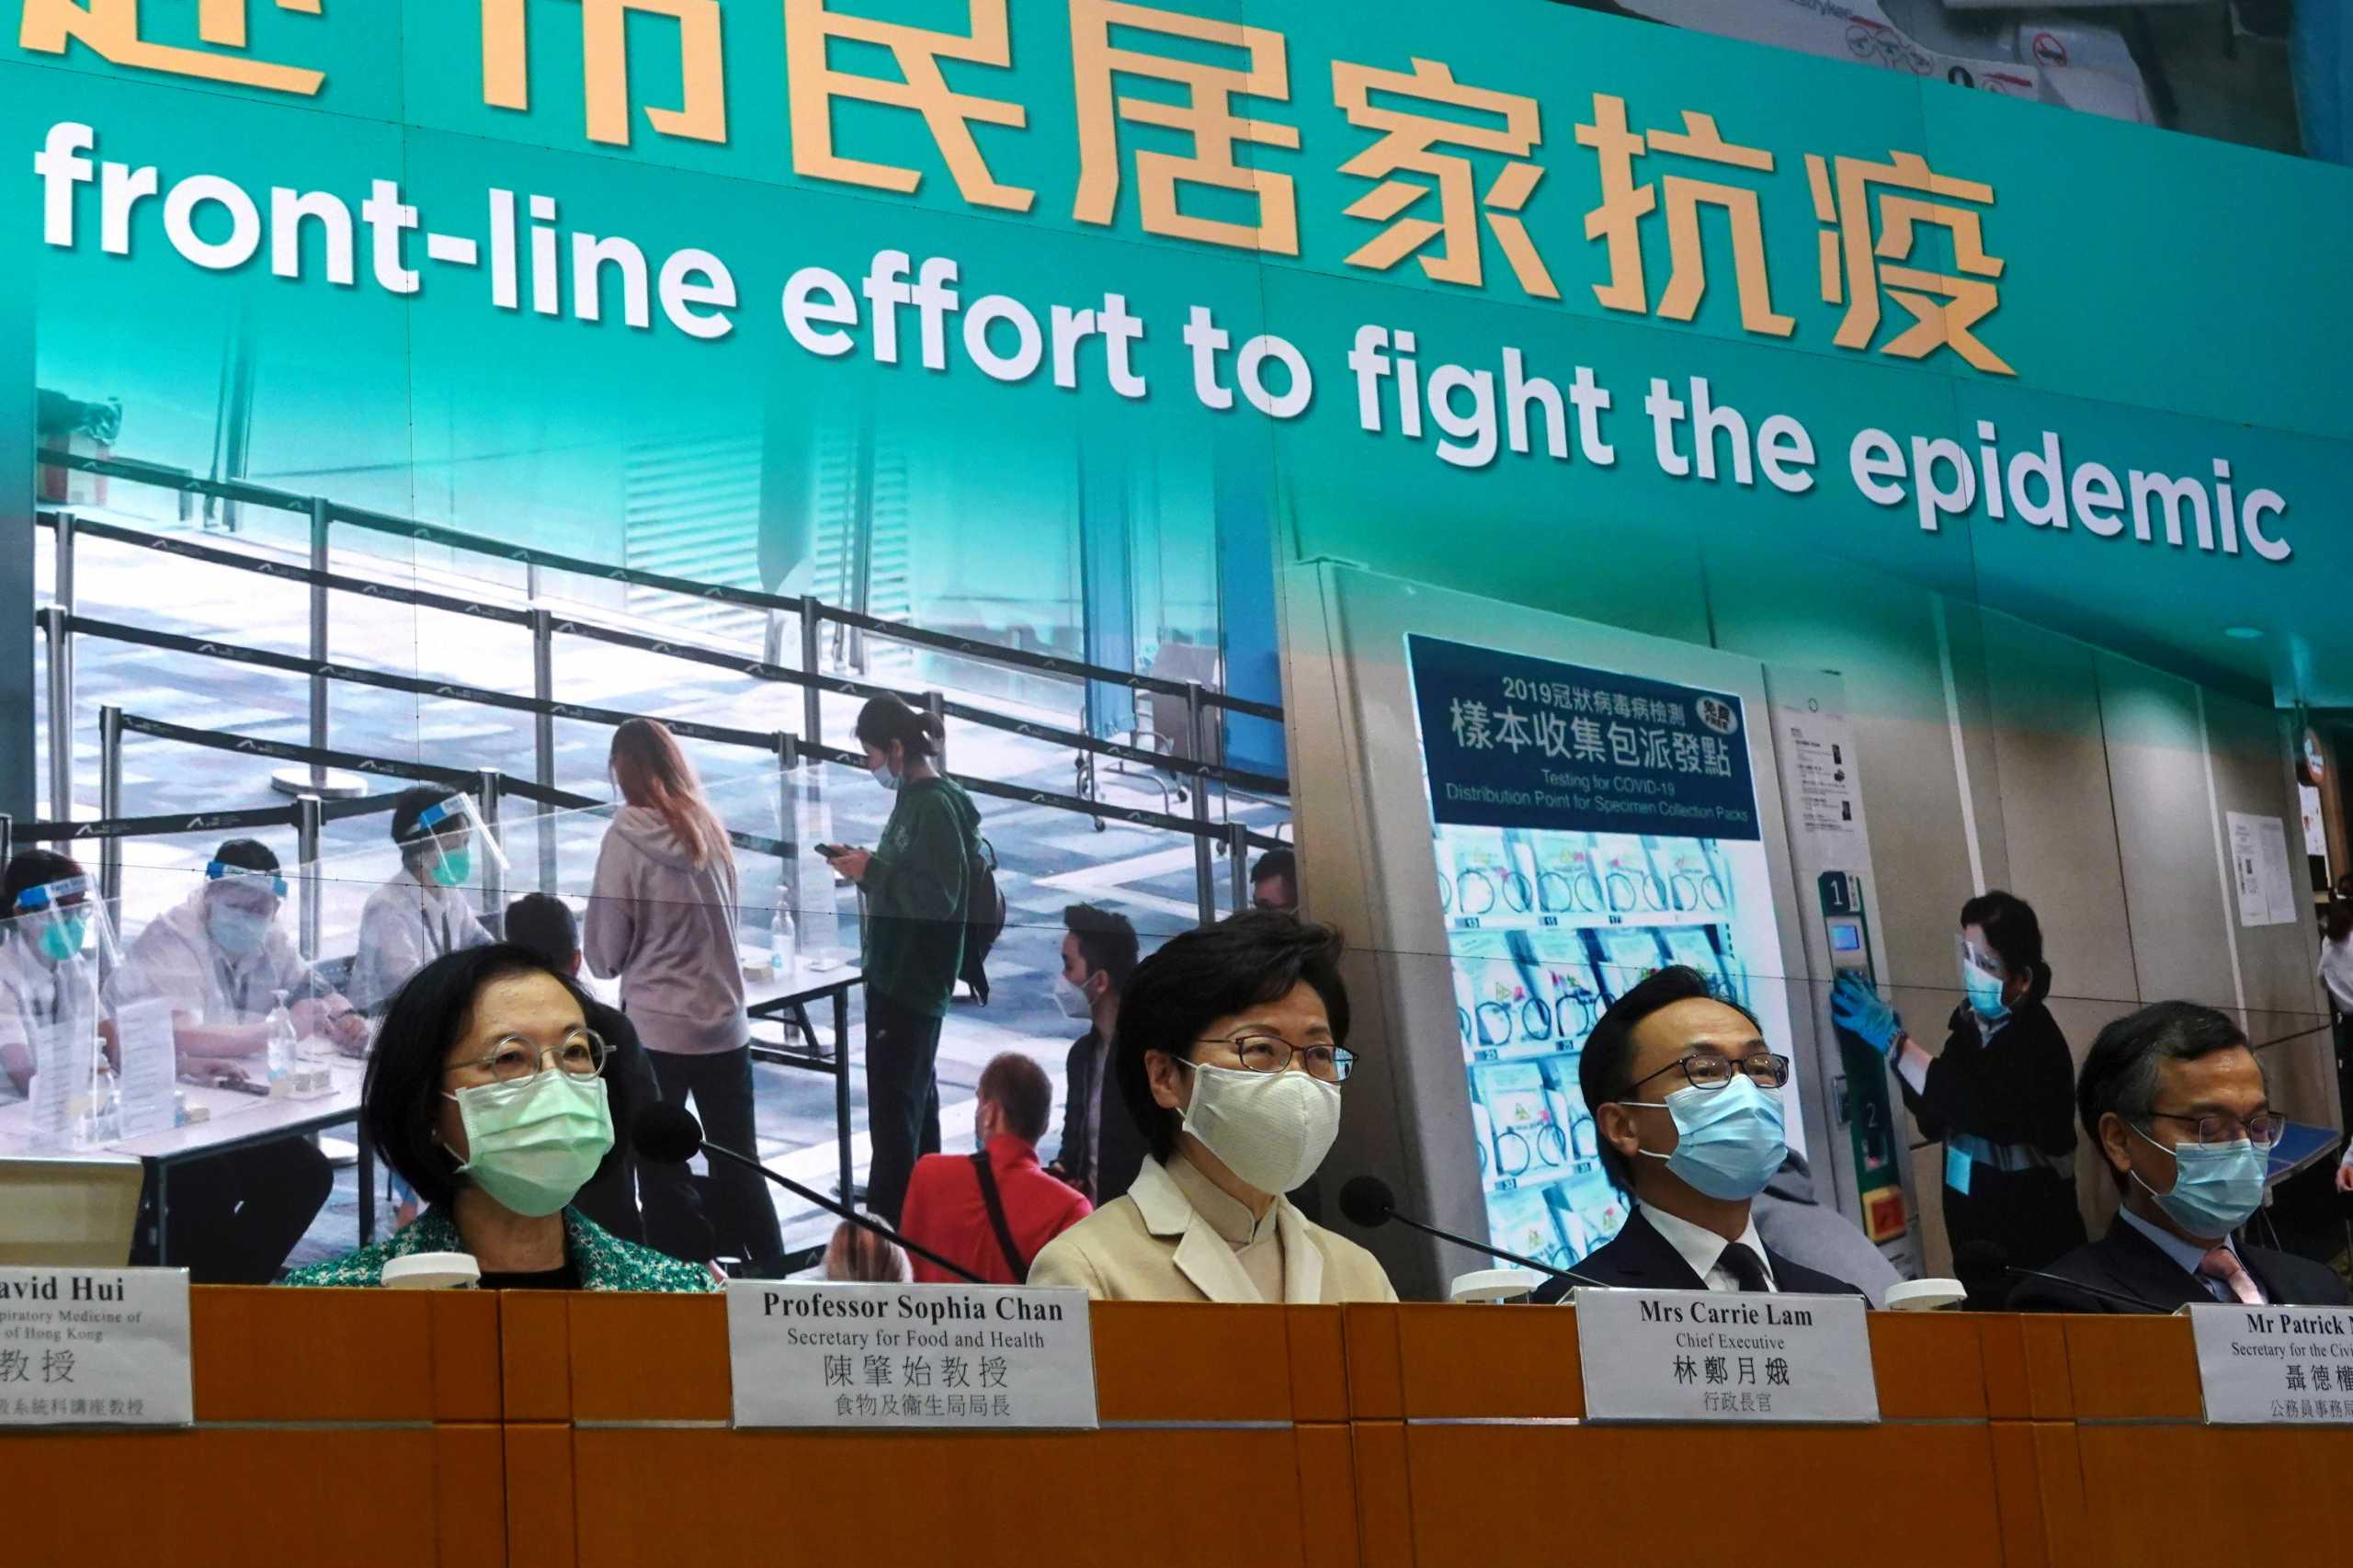 Ανησυχία για τα κρούσματα κορονοϊού στο Χονγκ Κονγκ – Ο υψηλότερος απολογισμός εδώ και ένα μήνα